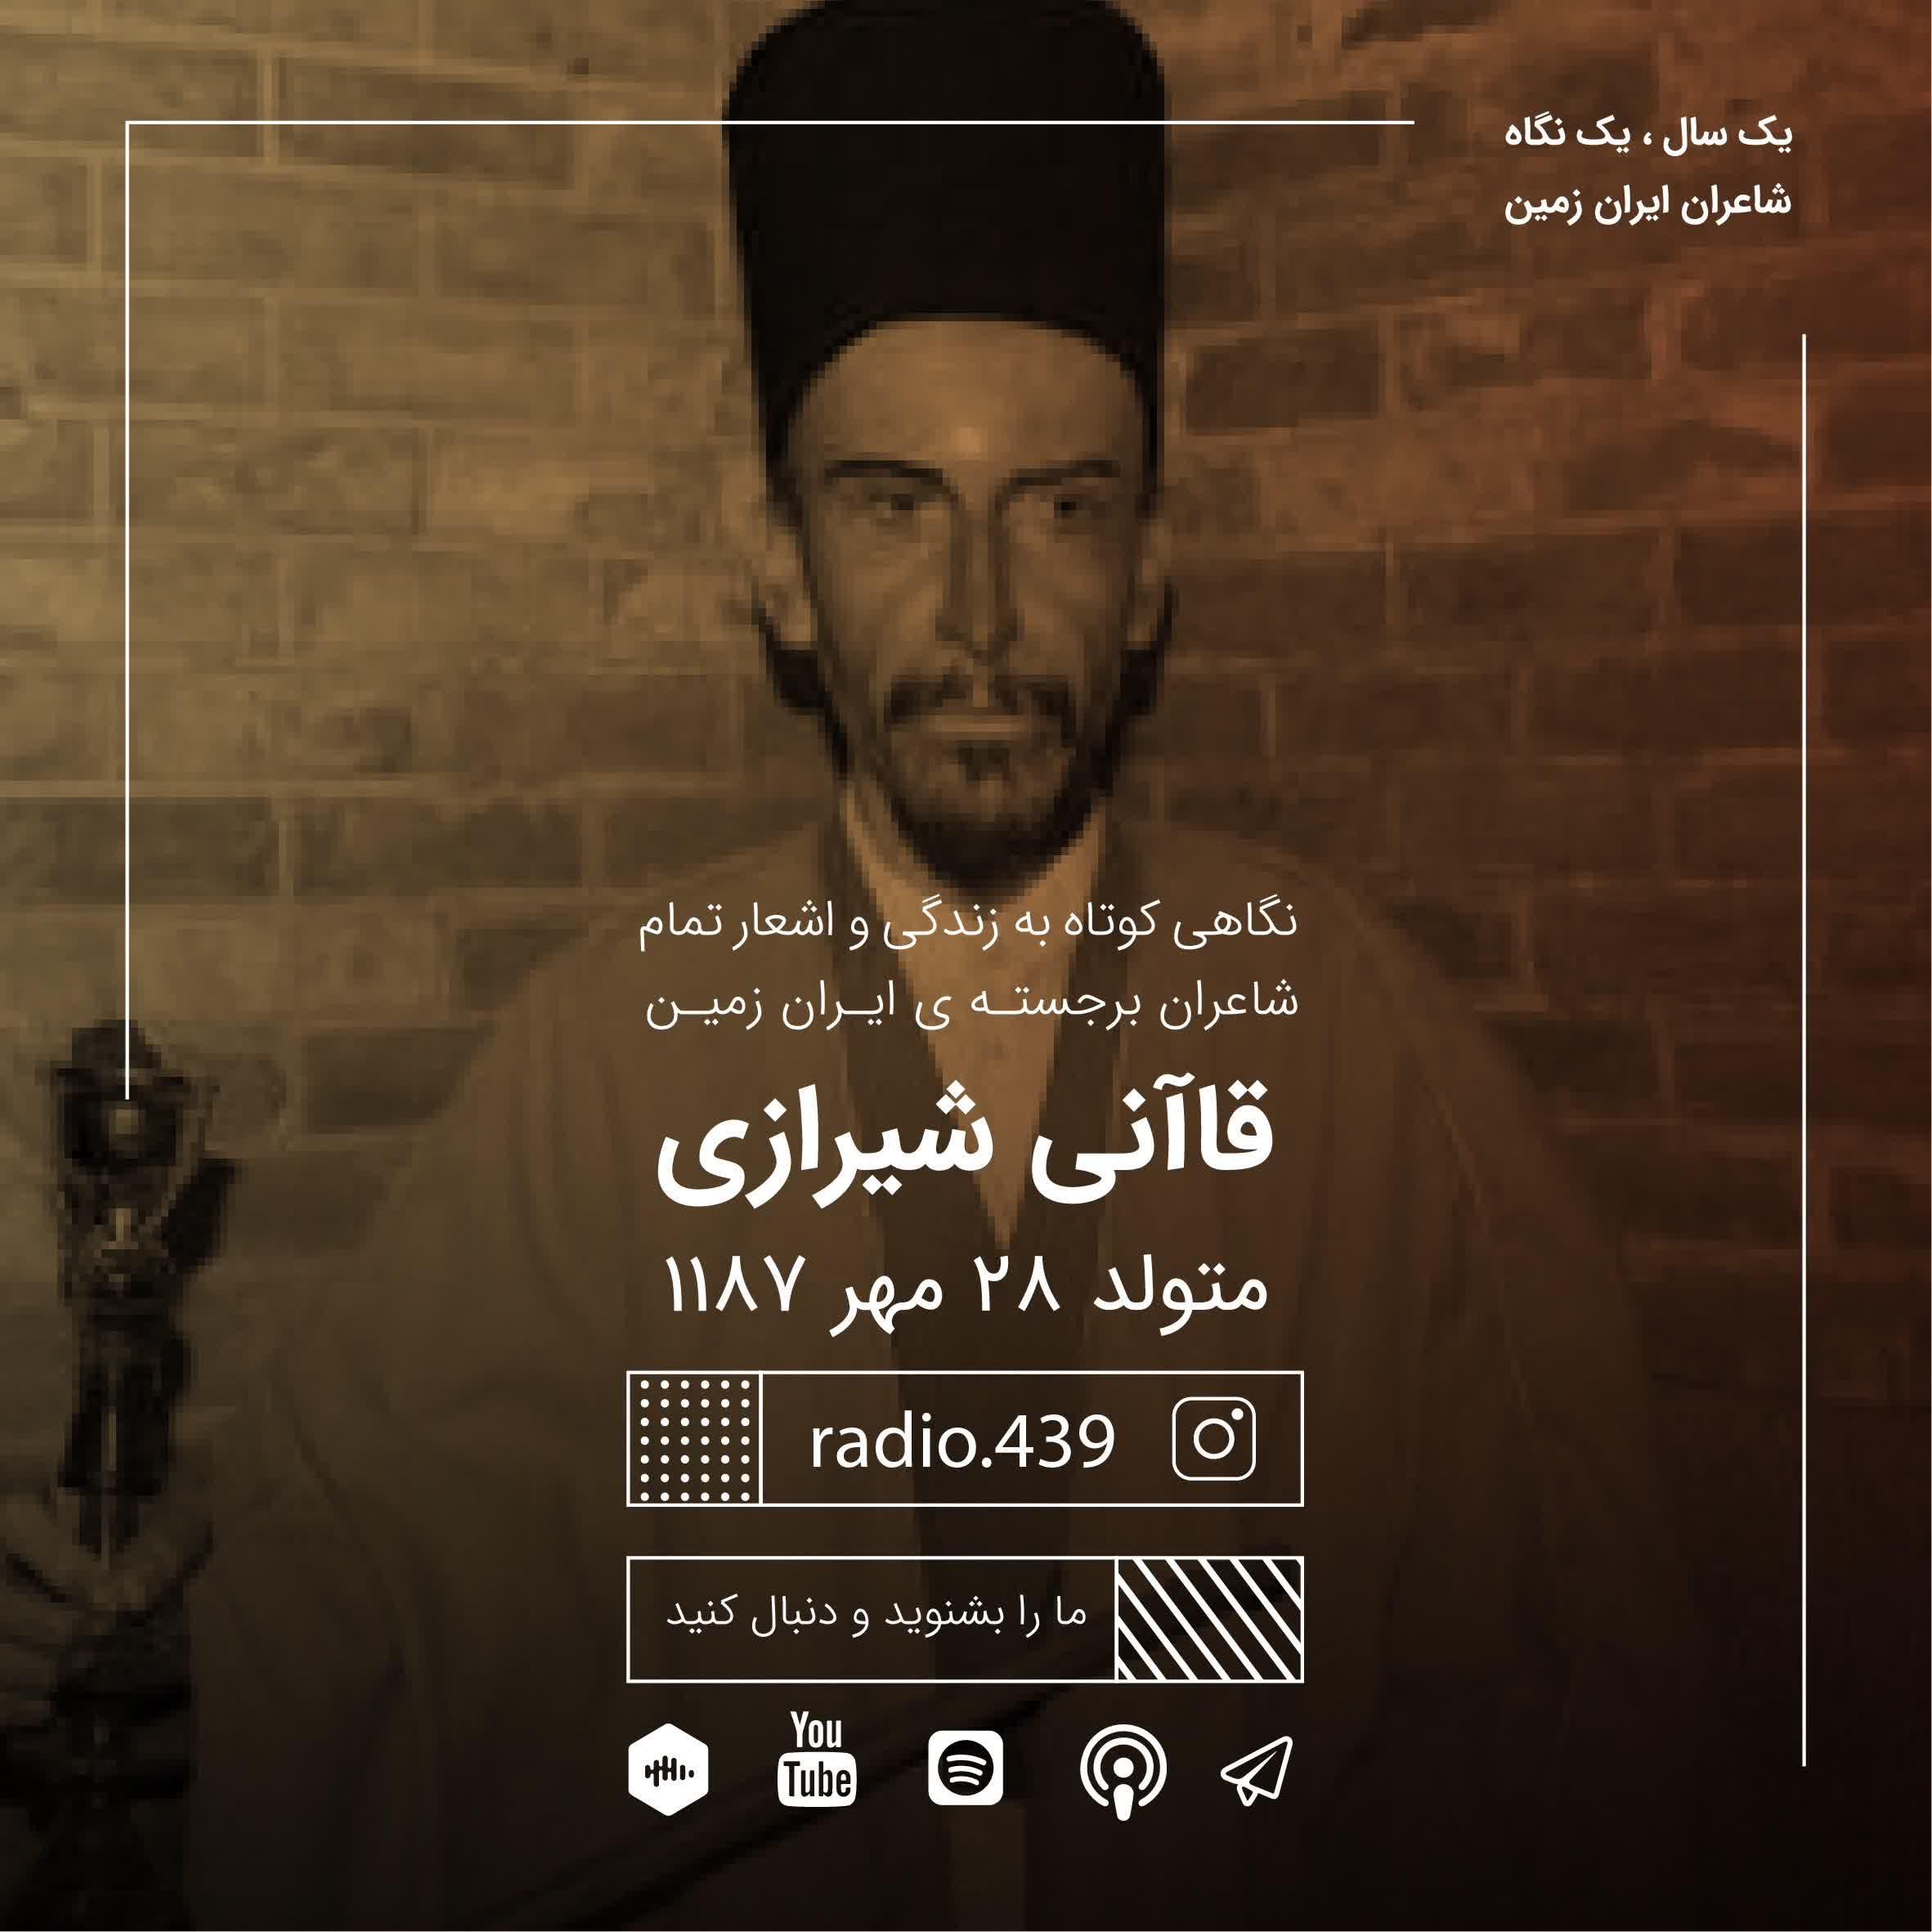 یک سال یک نگاه-بیست و هشت مهر-قاآنی شیرازی